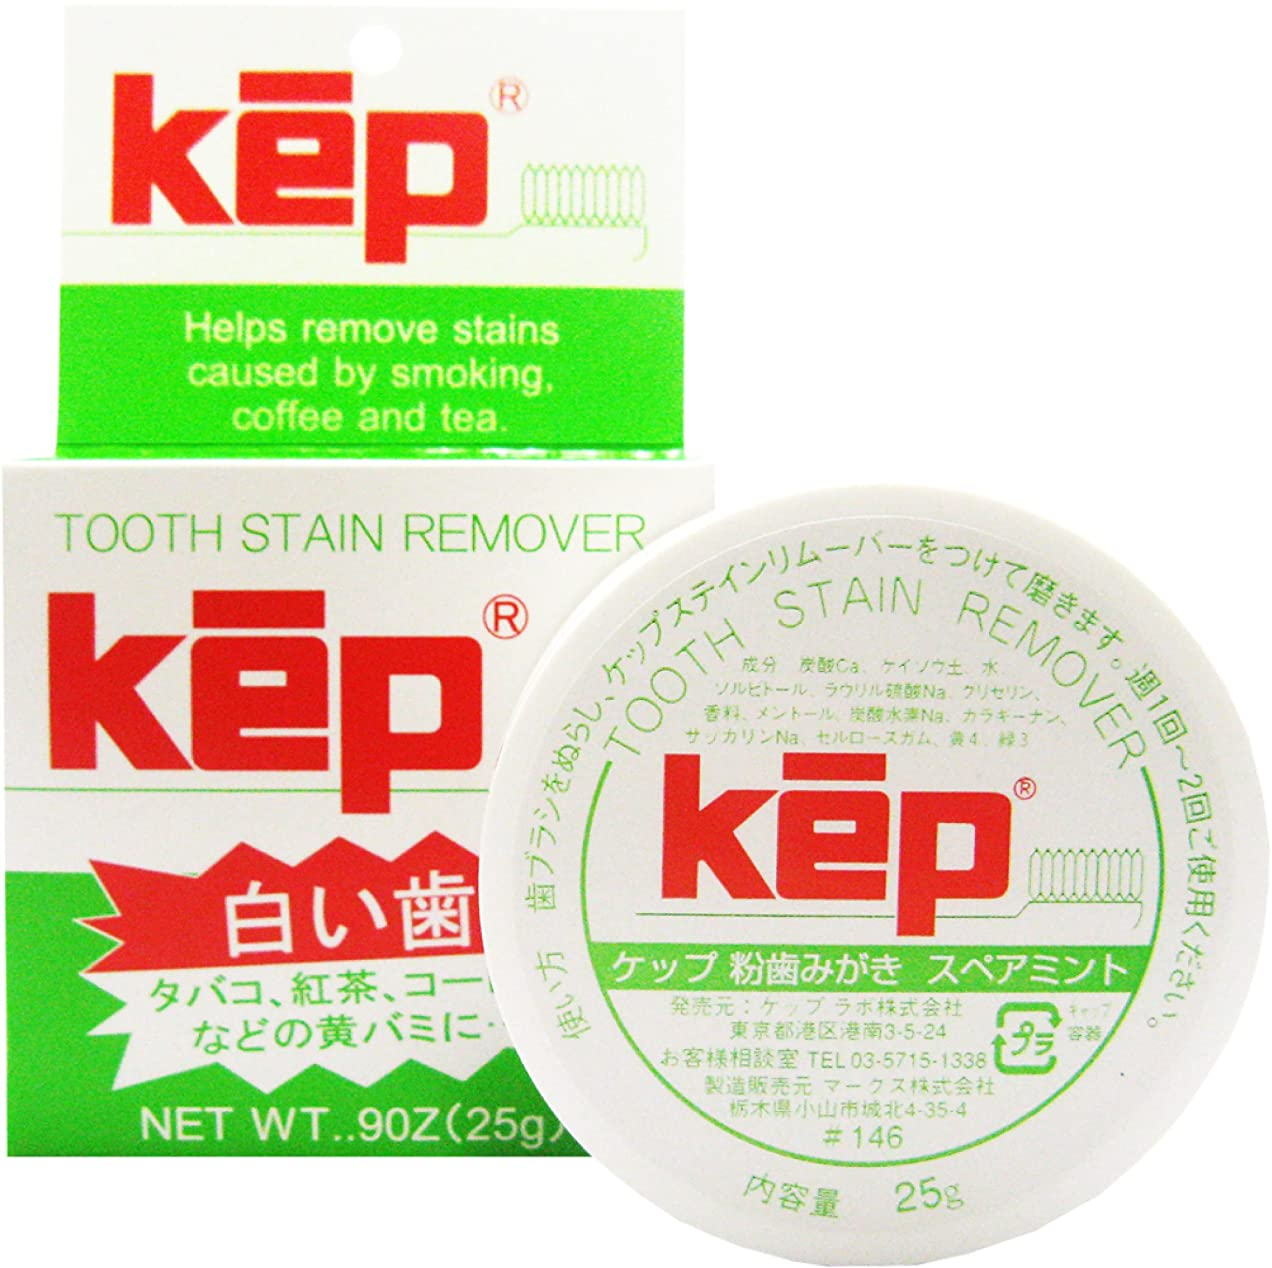 ご注意苗セメントkep(ケップ) ホワイトニング 粉歯磨き スペアミント